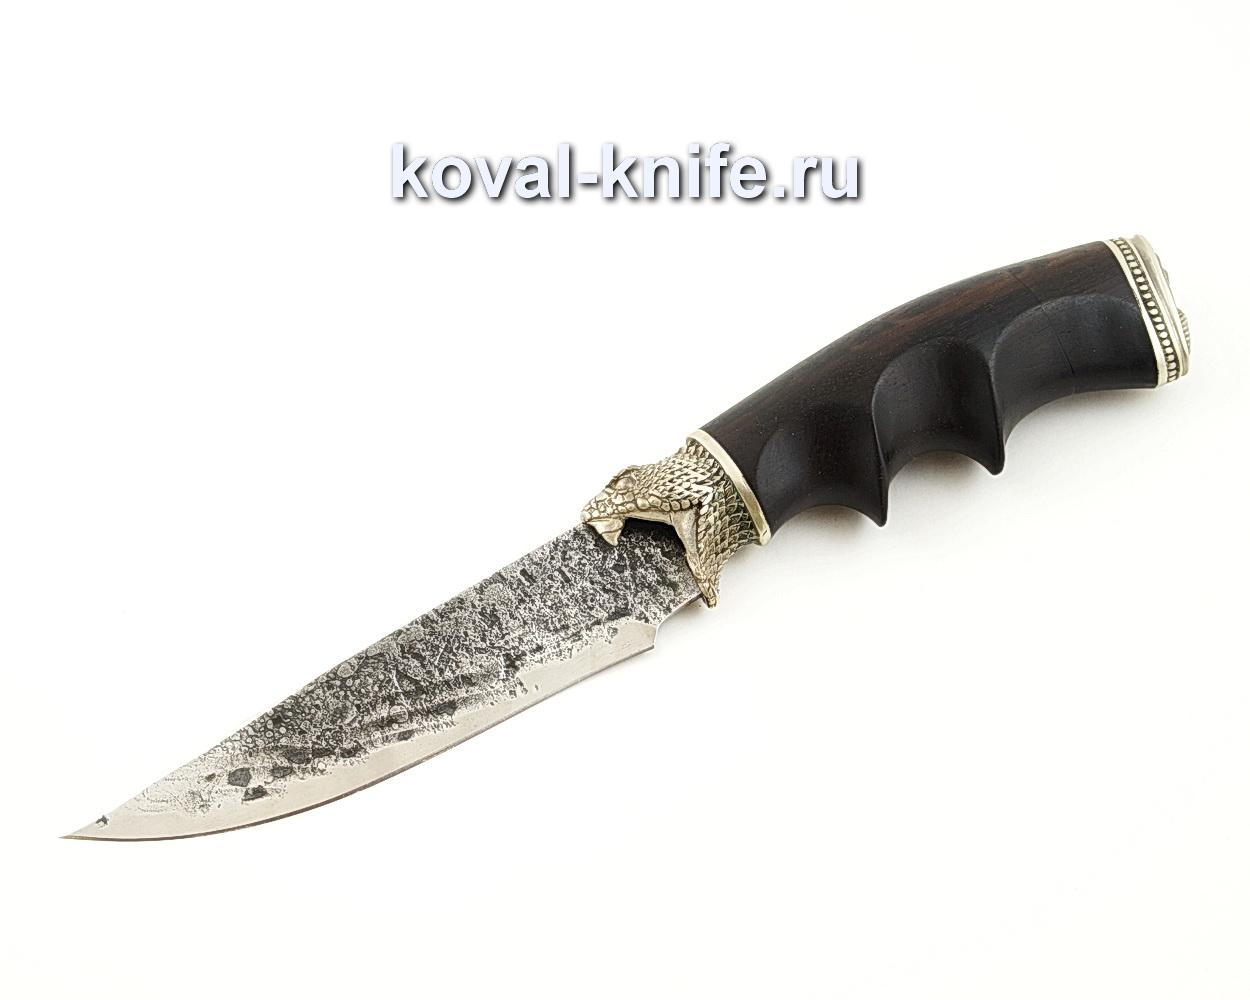 Нож Лис из кованой стали 9ХС с рукоятью из черного граба, литье на ноже – мельхиор A532